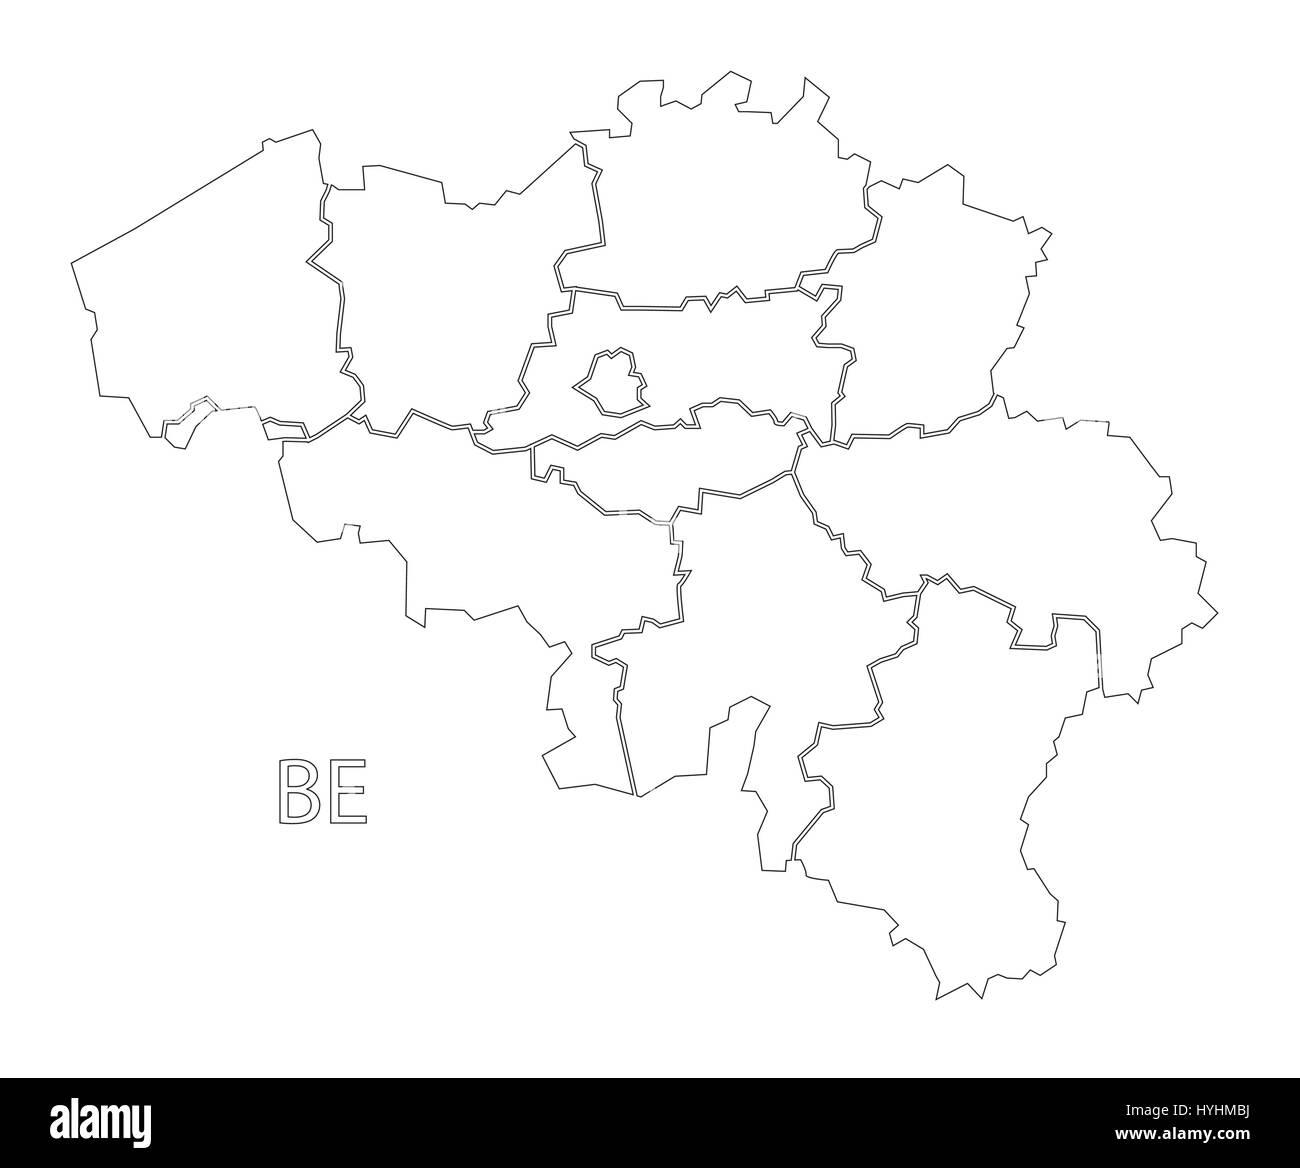 Belgien Karte Umriss.Belgien Umriss Silhouette Karte Abbildung Mit Regionen Vektor